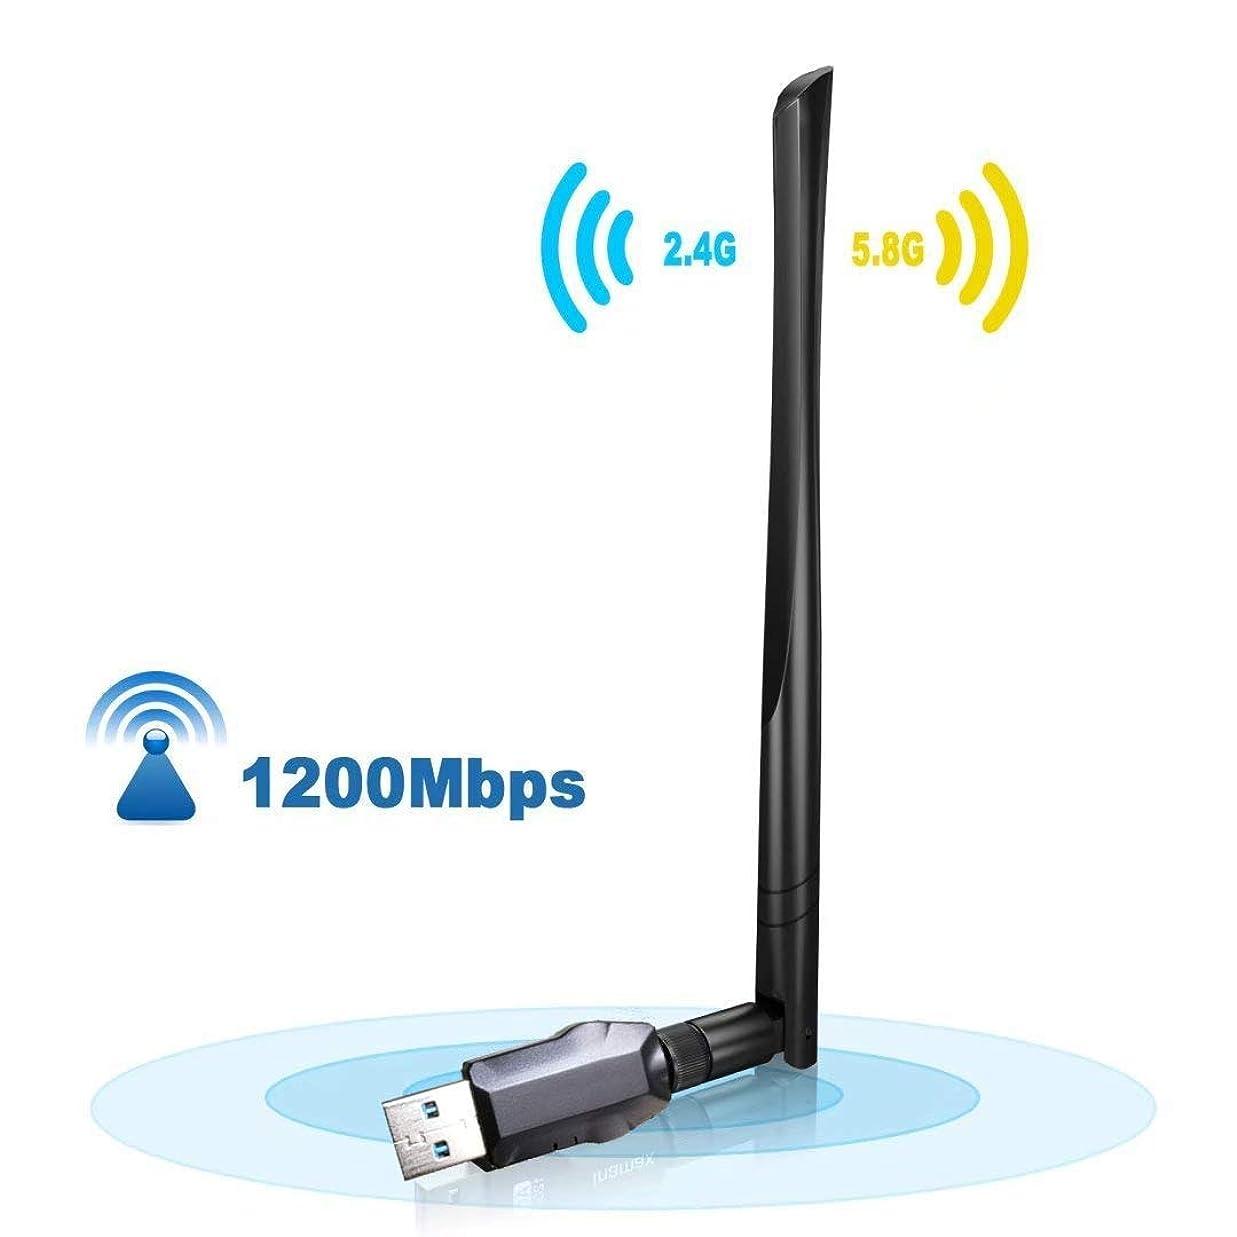 遠征くしゃくしゃしがみつくUSB WiFiアダプター 1200Mbps USB 3.0 ワイヤレス ネットワーク WiFi ドングル 5dBi アンテナ PC/デスクトップ/ノートパソコン/Mac用 デュアルバンド 2.4G/5G 802.11ac Windows 10/8/8.1/7/Vista/XP Mac10.5-10.14対応